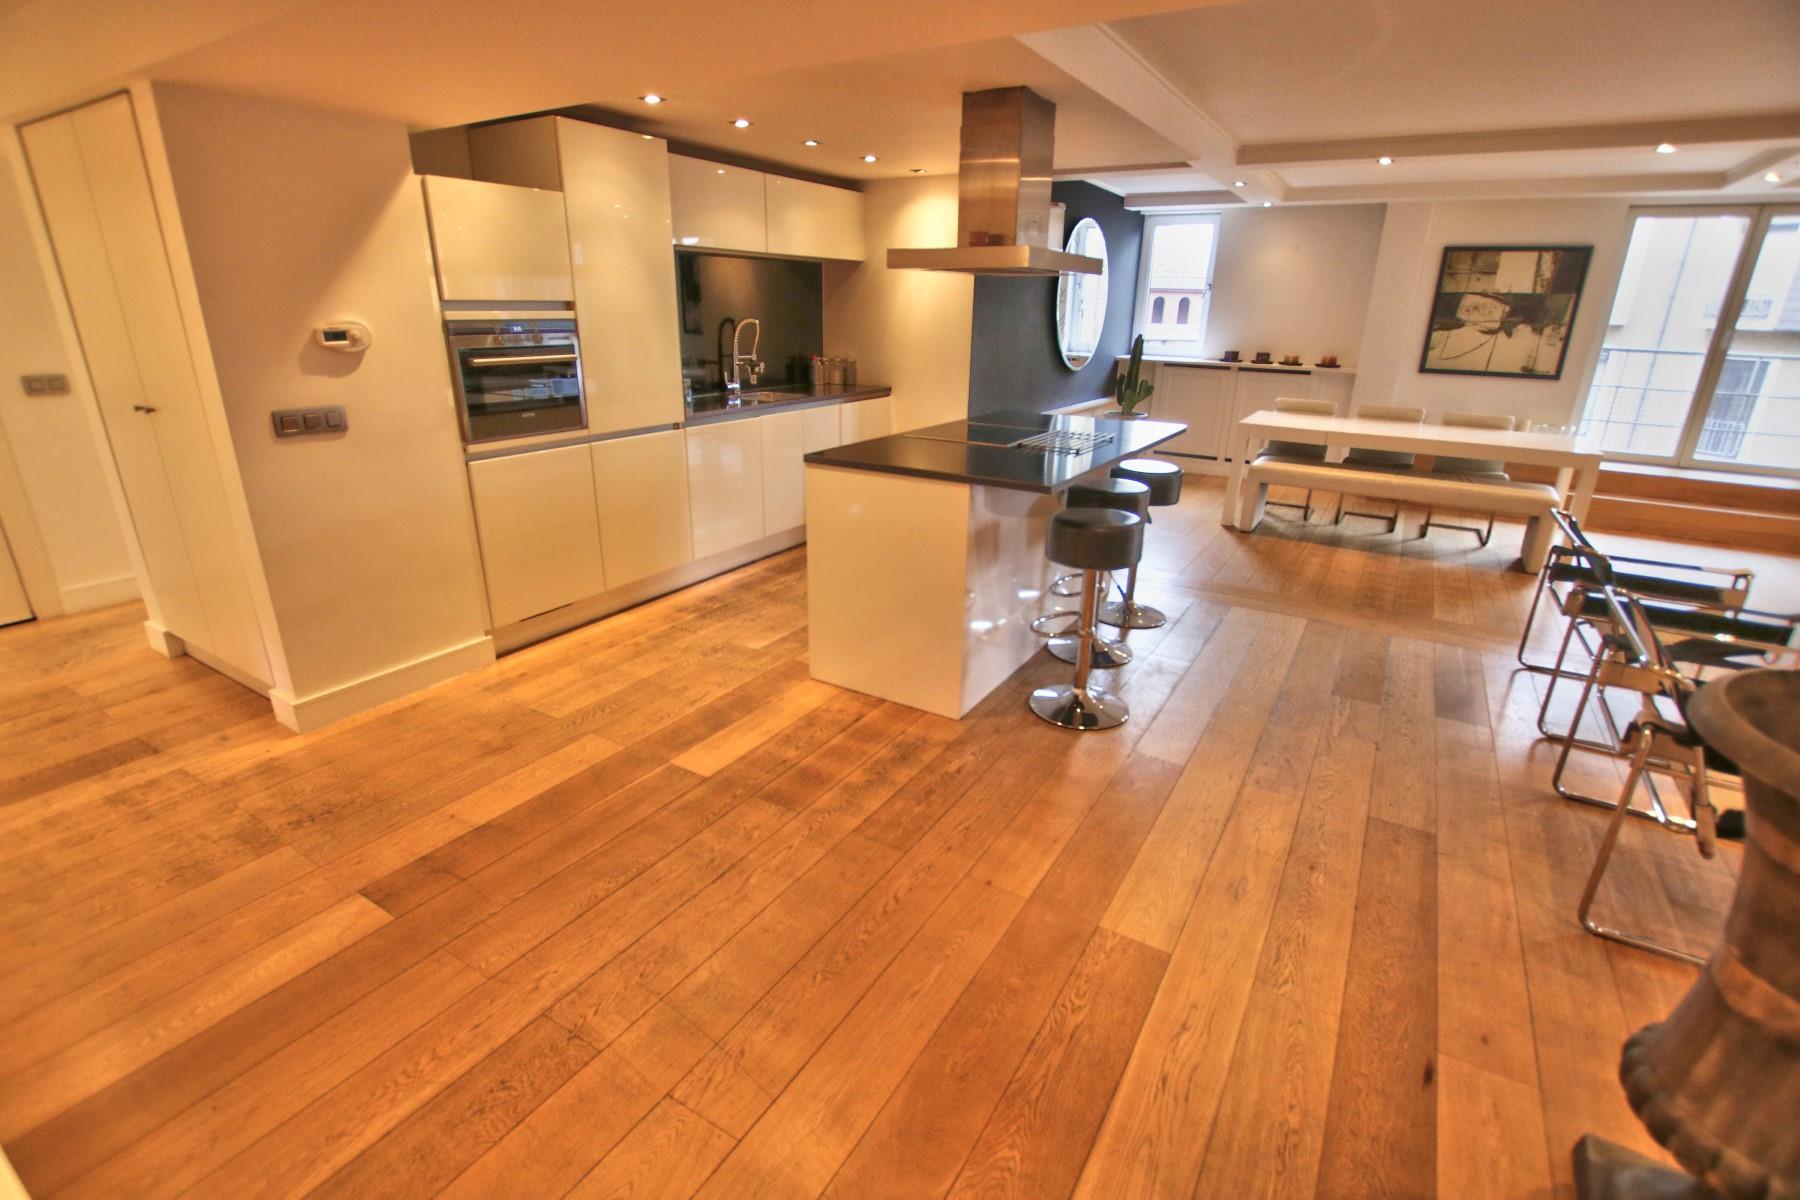 Appartement exceptionnel - Ixelles - #4030098-7